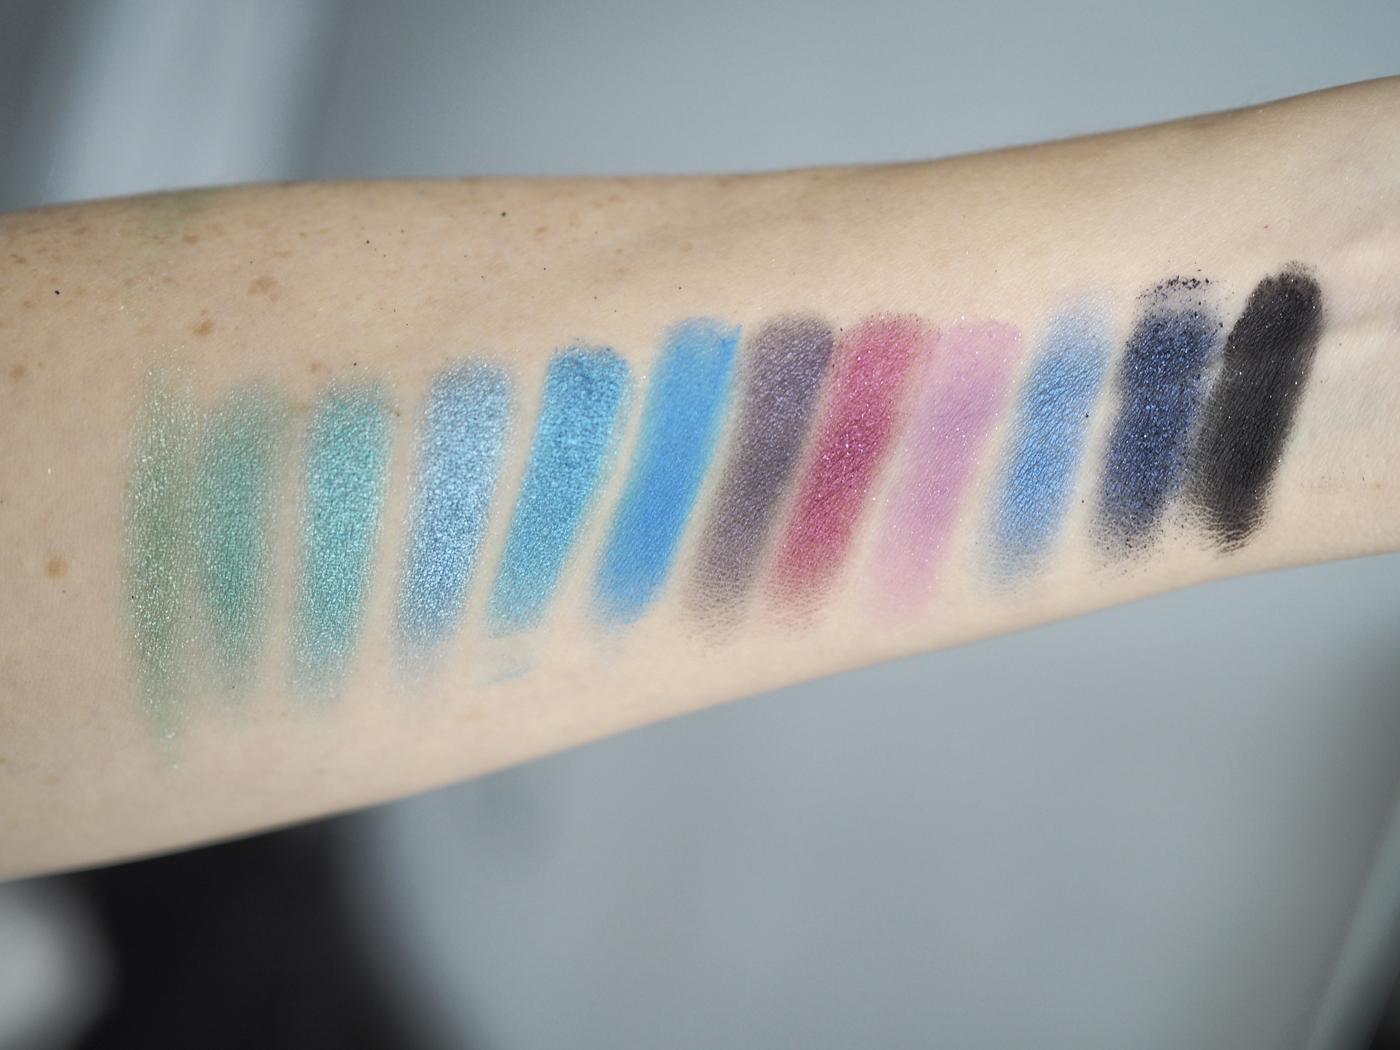 MakeupRevolutionunicorn.jpg